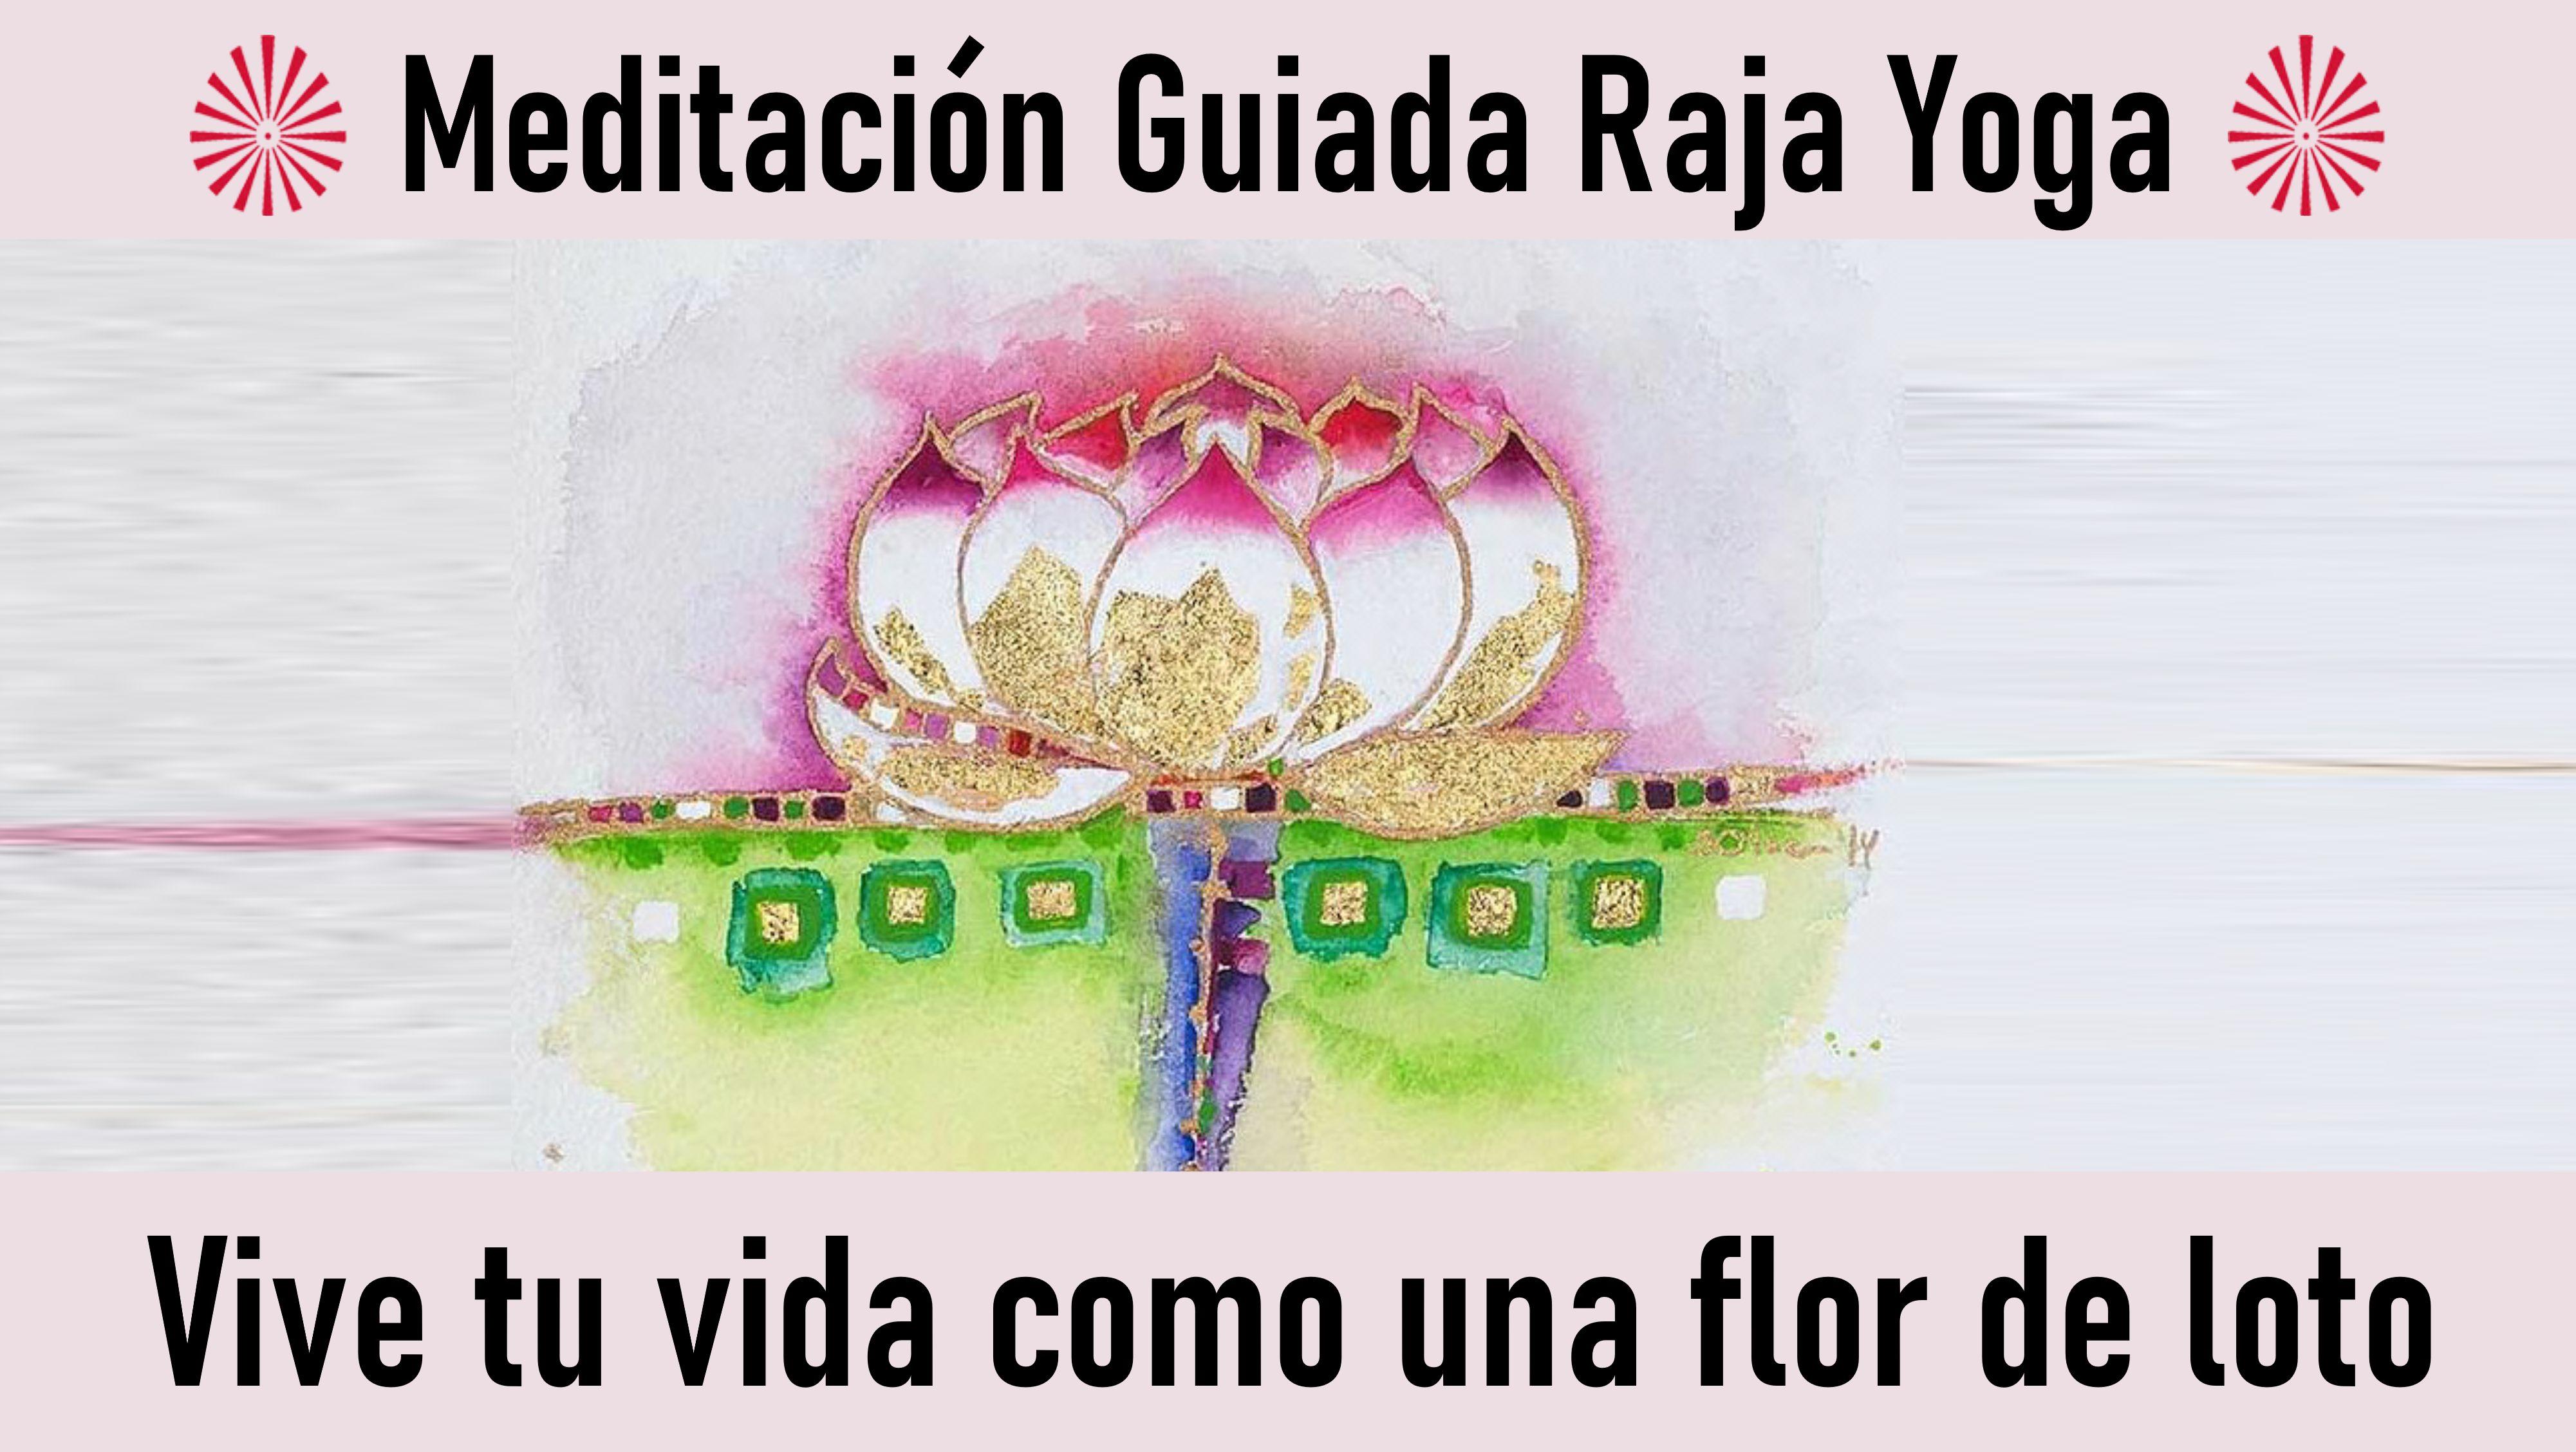 Meditación Raja Yoga: Vive tu vida como una flor de loto (29 Octubre 2020) On-line desde Madrid